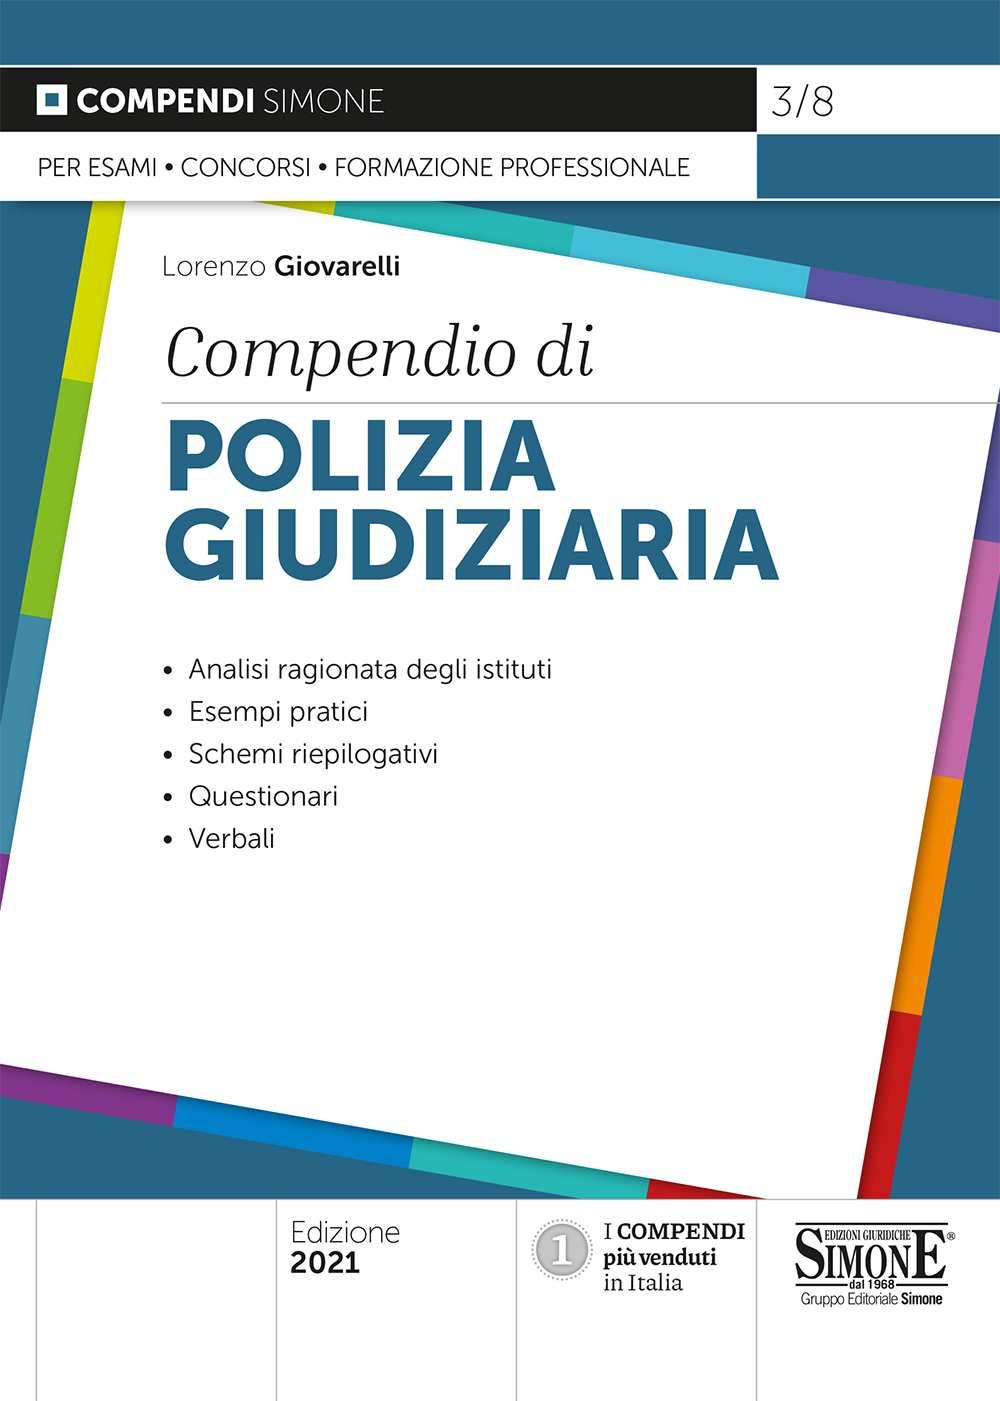 Compendio di Polizia Giudiziaria 2021